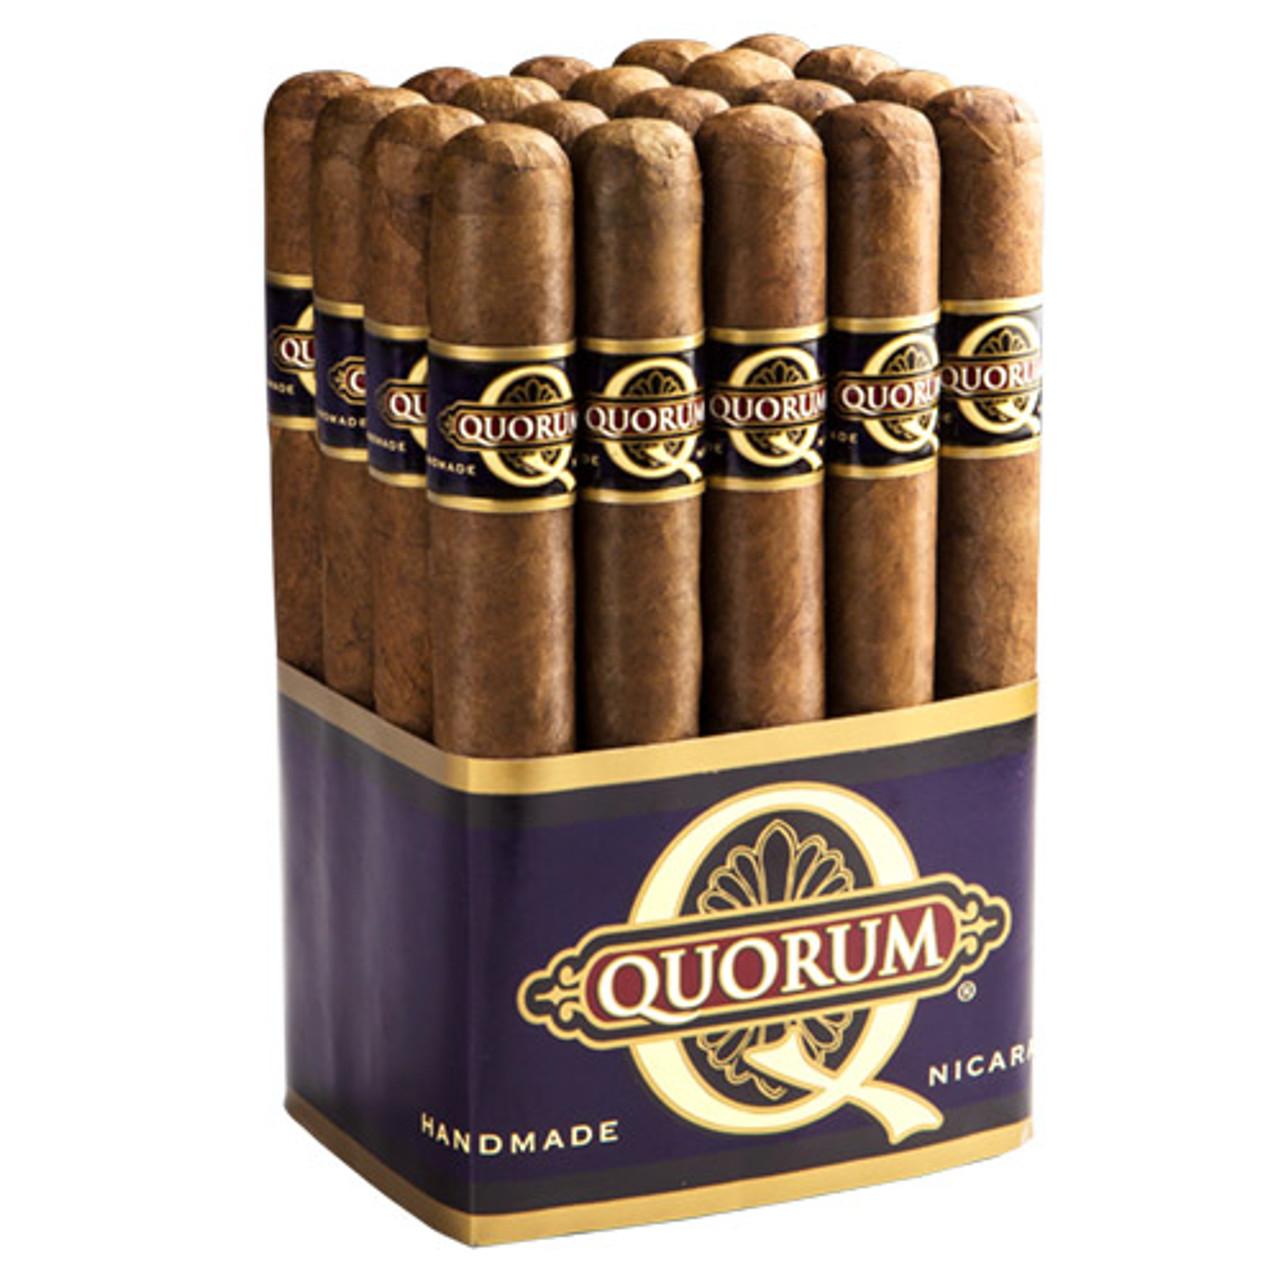 Quorum Classic Churchill Cigars - 7 x 48 (Box of 20)